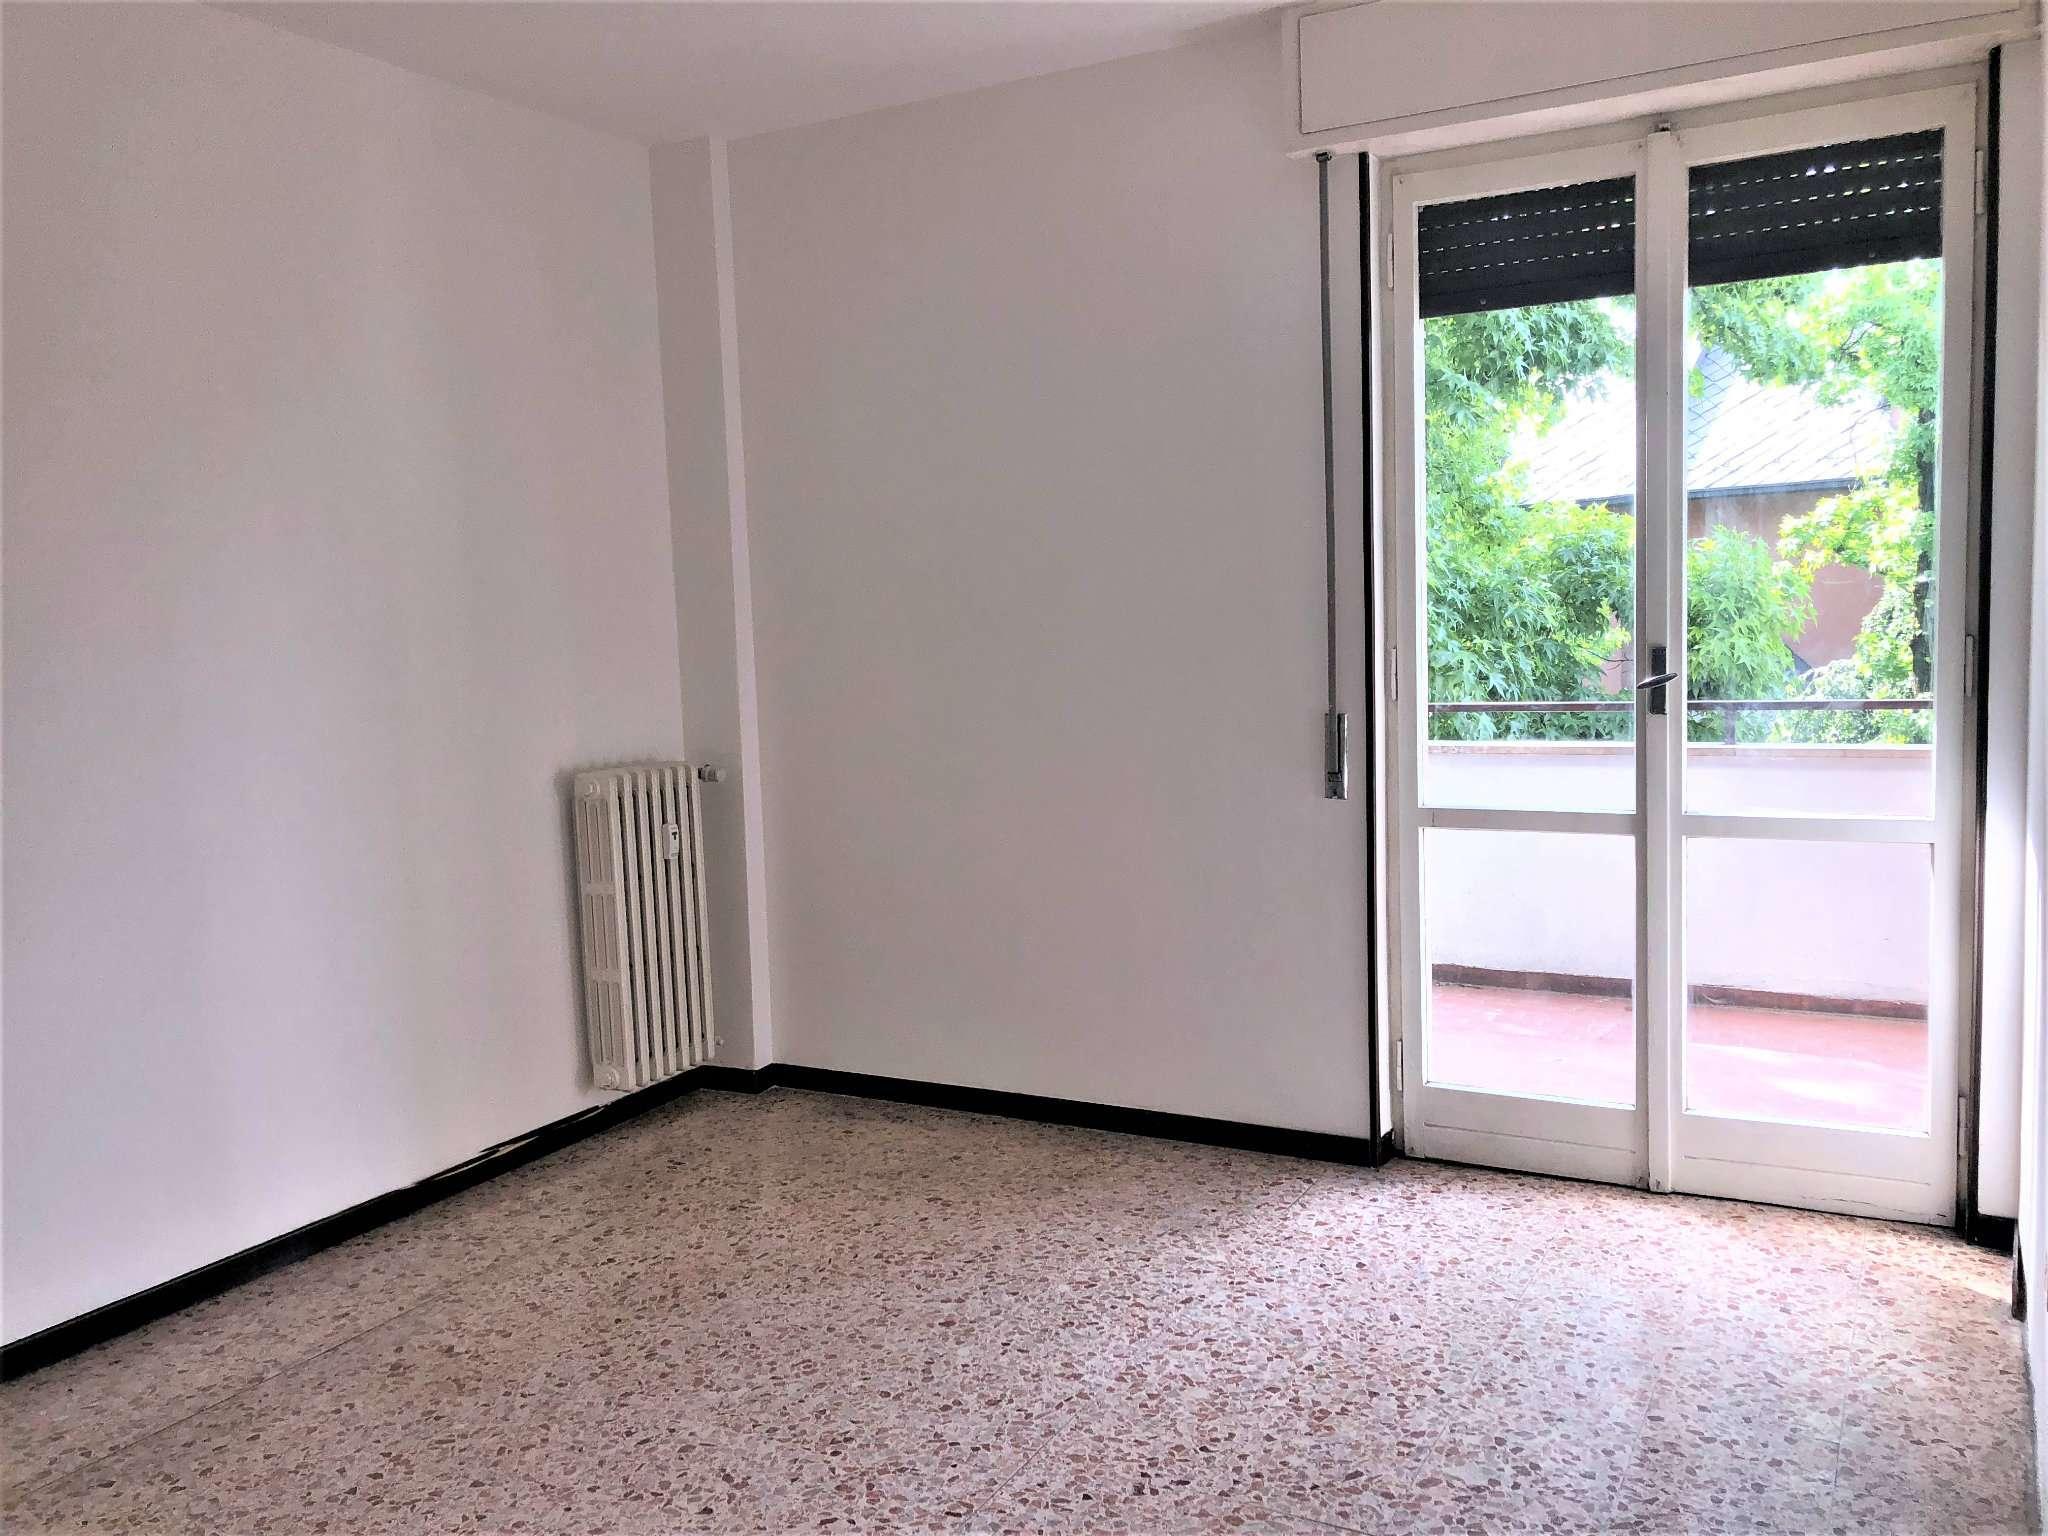 Appartamento in vendita a Cinisello Balsamo, 2 locali, prezzo € 95.000 | PortaleAgenzieImmobiliari.it